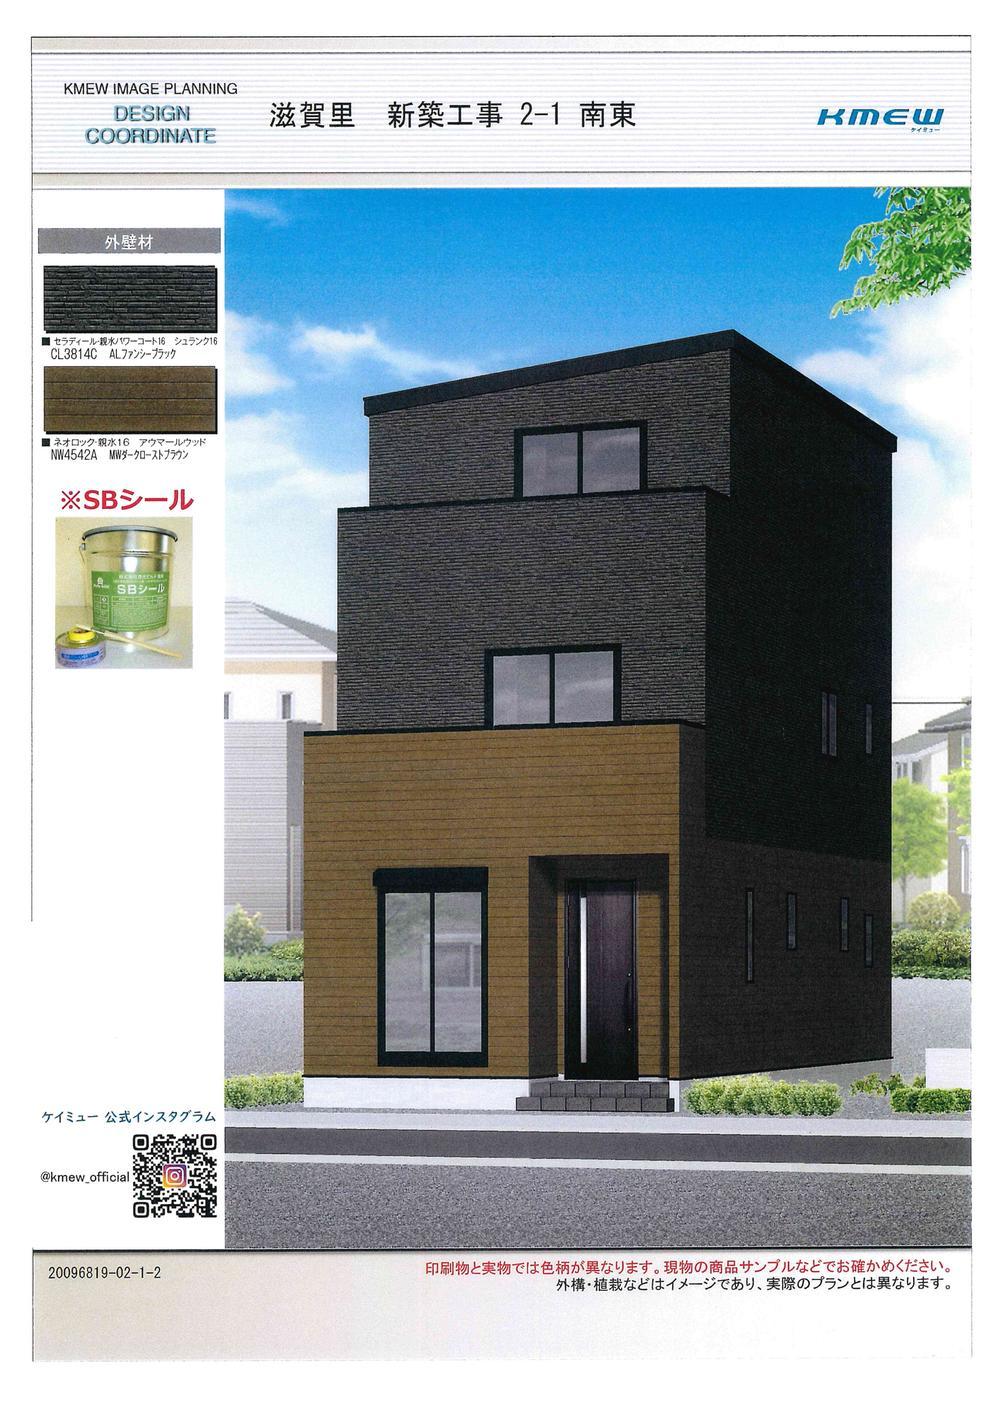 区画図+建物プラン例